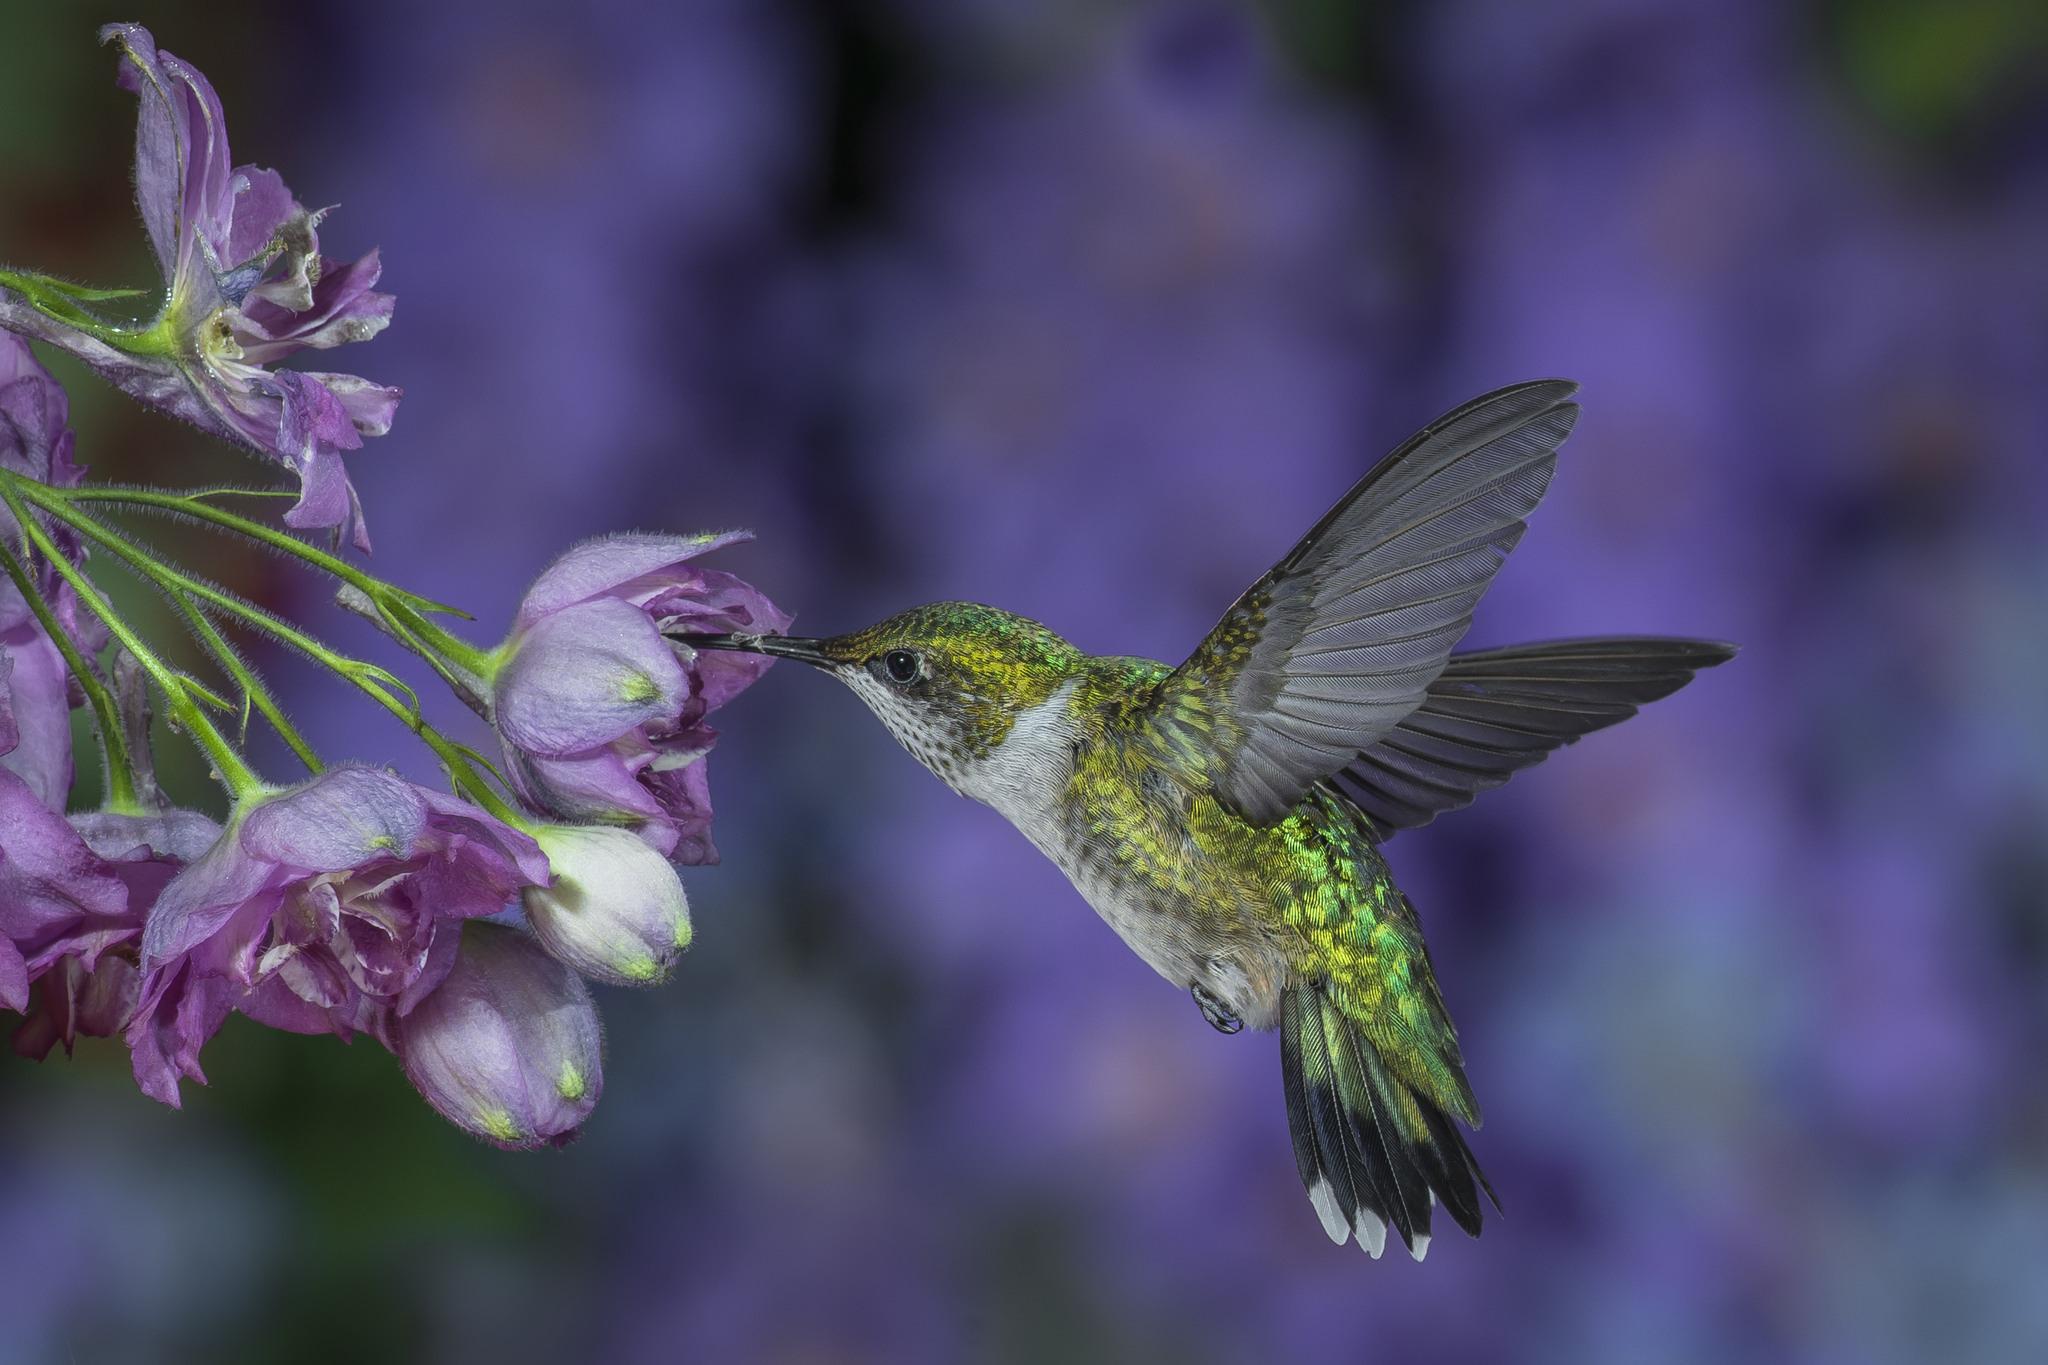 птица природа ветка колибри  № 1994327 загрузить